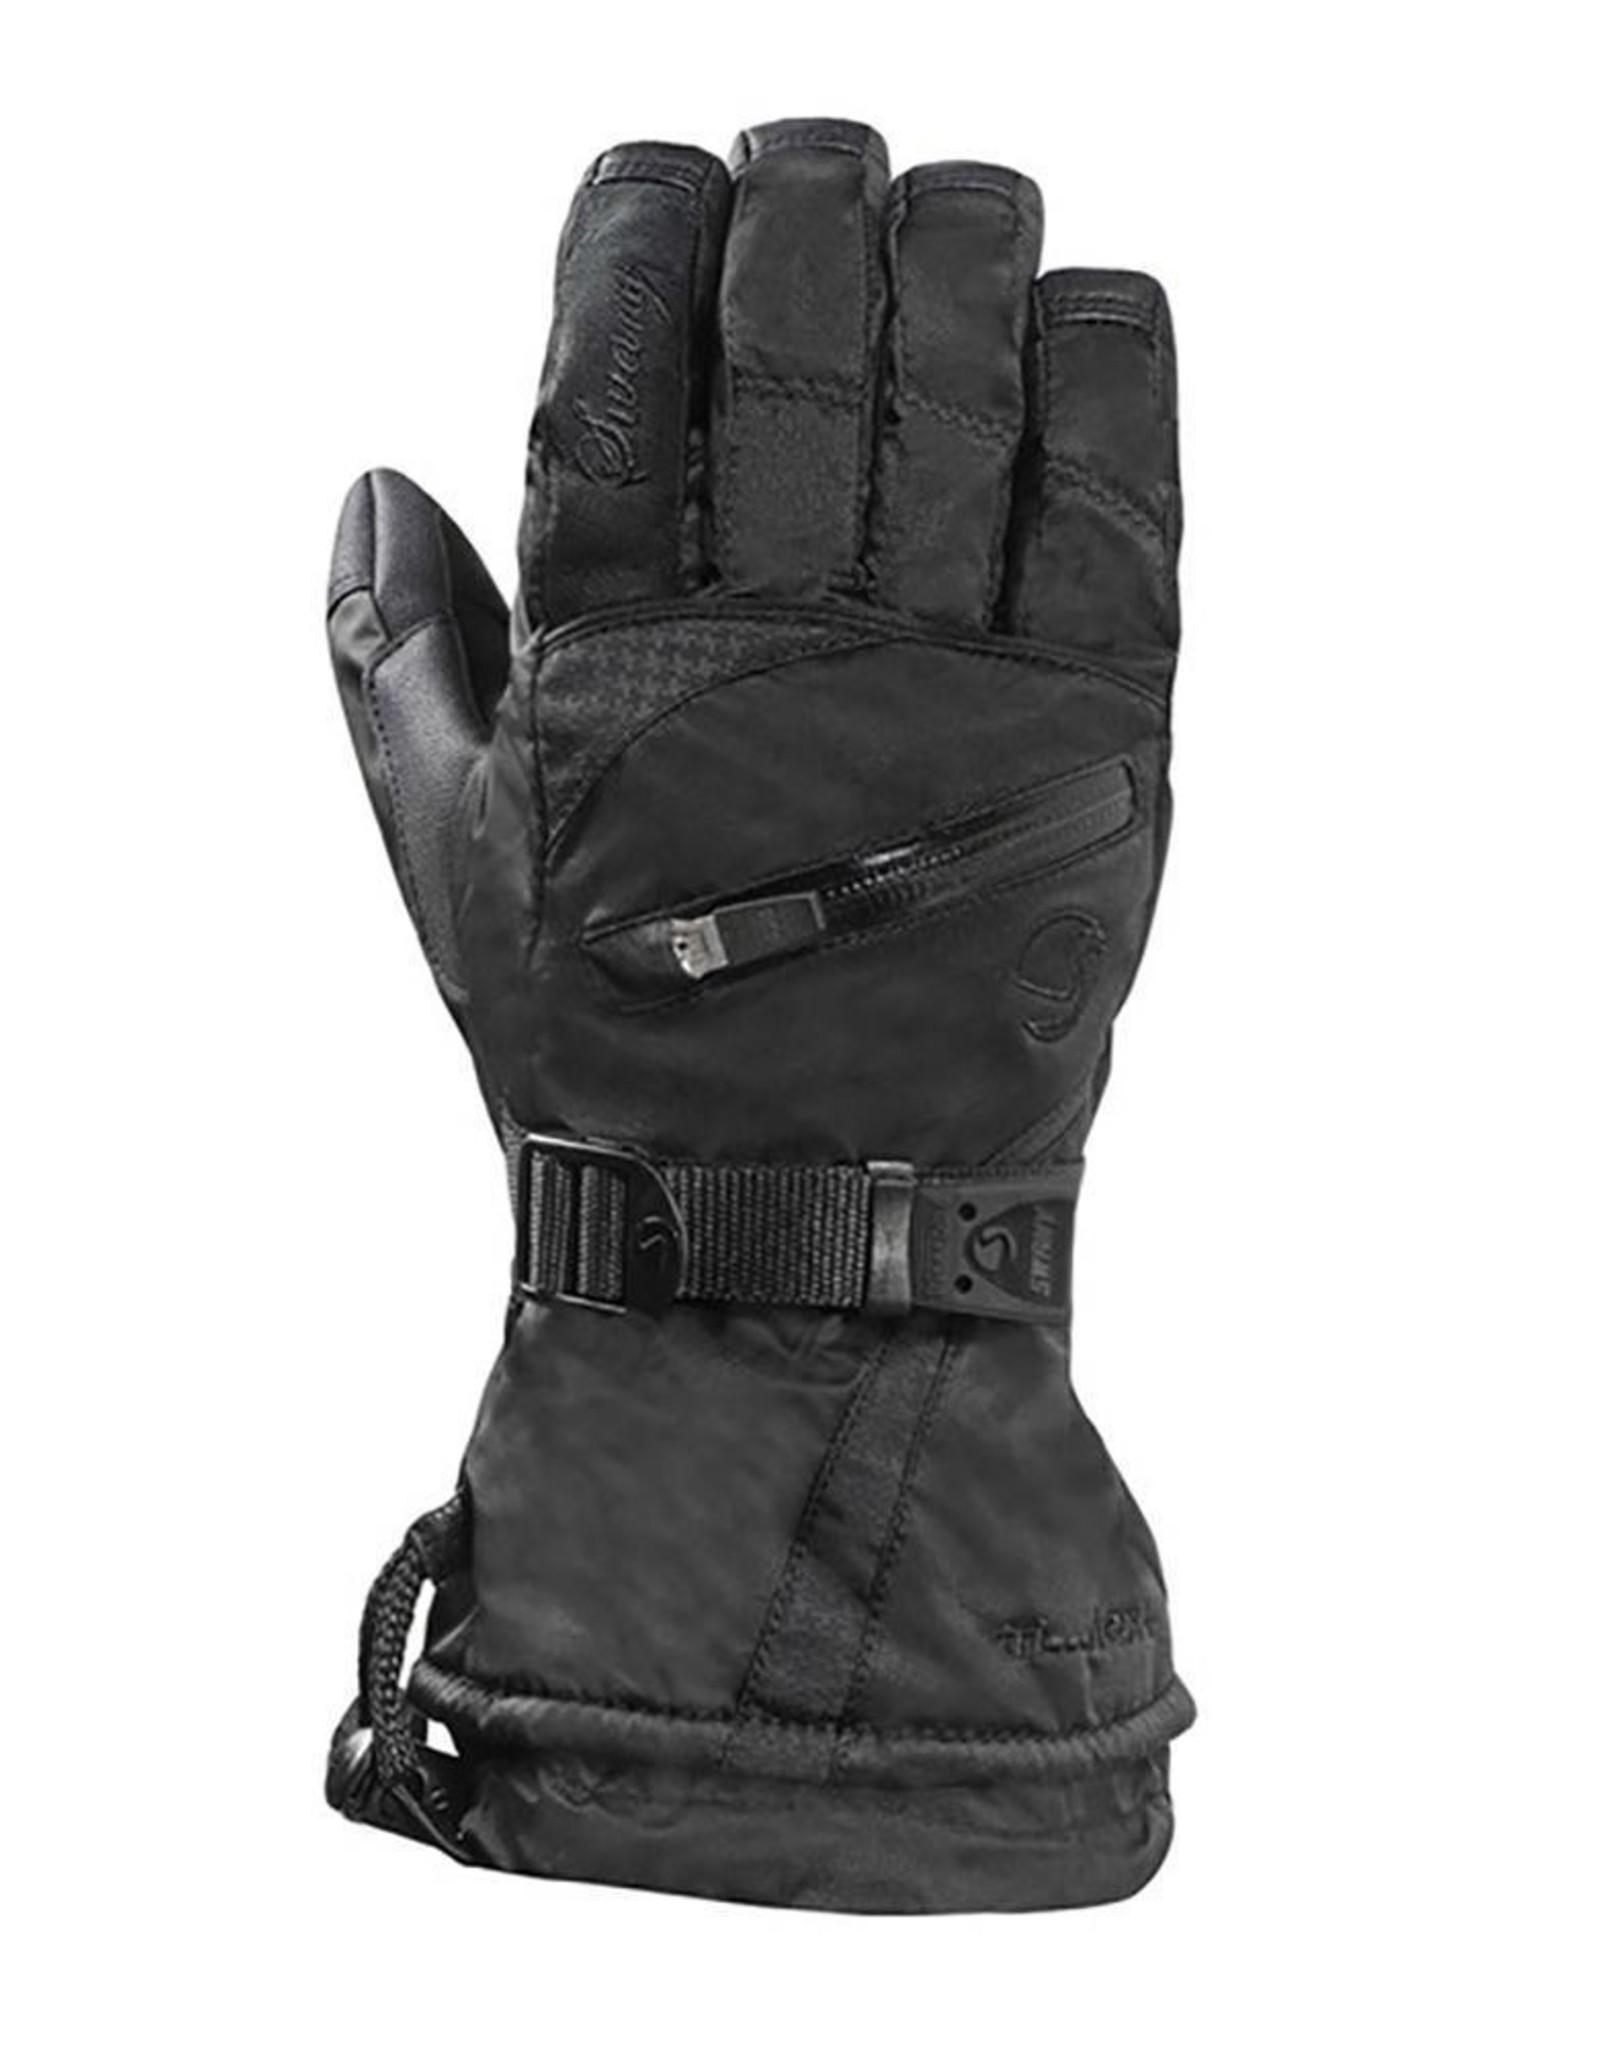 Swany Swany X-Therm Women's Glove